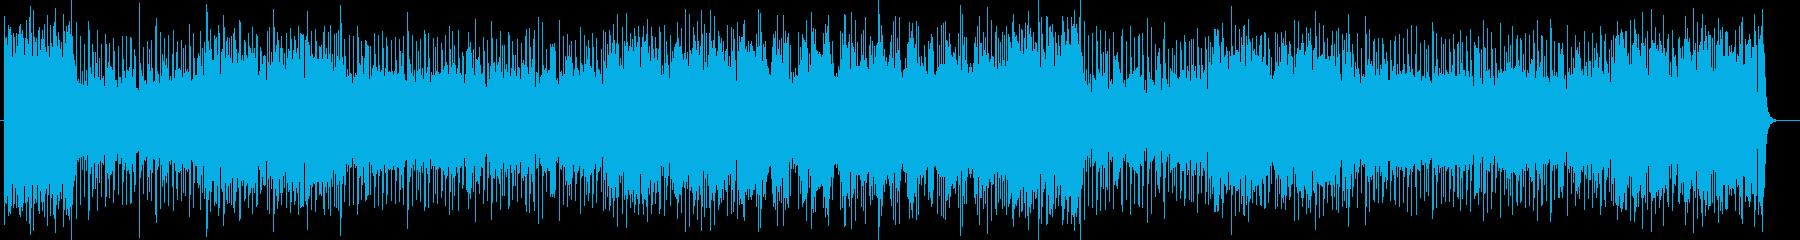 シンセサイザーによるキラキラしたポップスの再生済みの波形